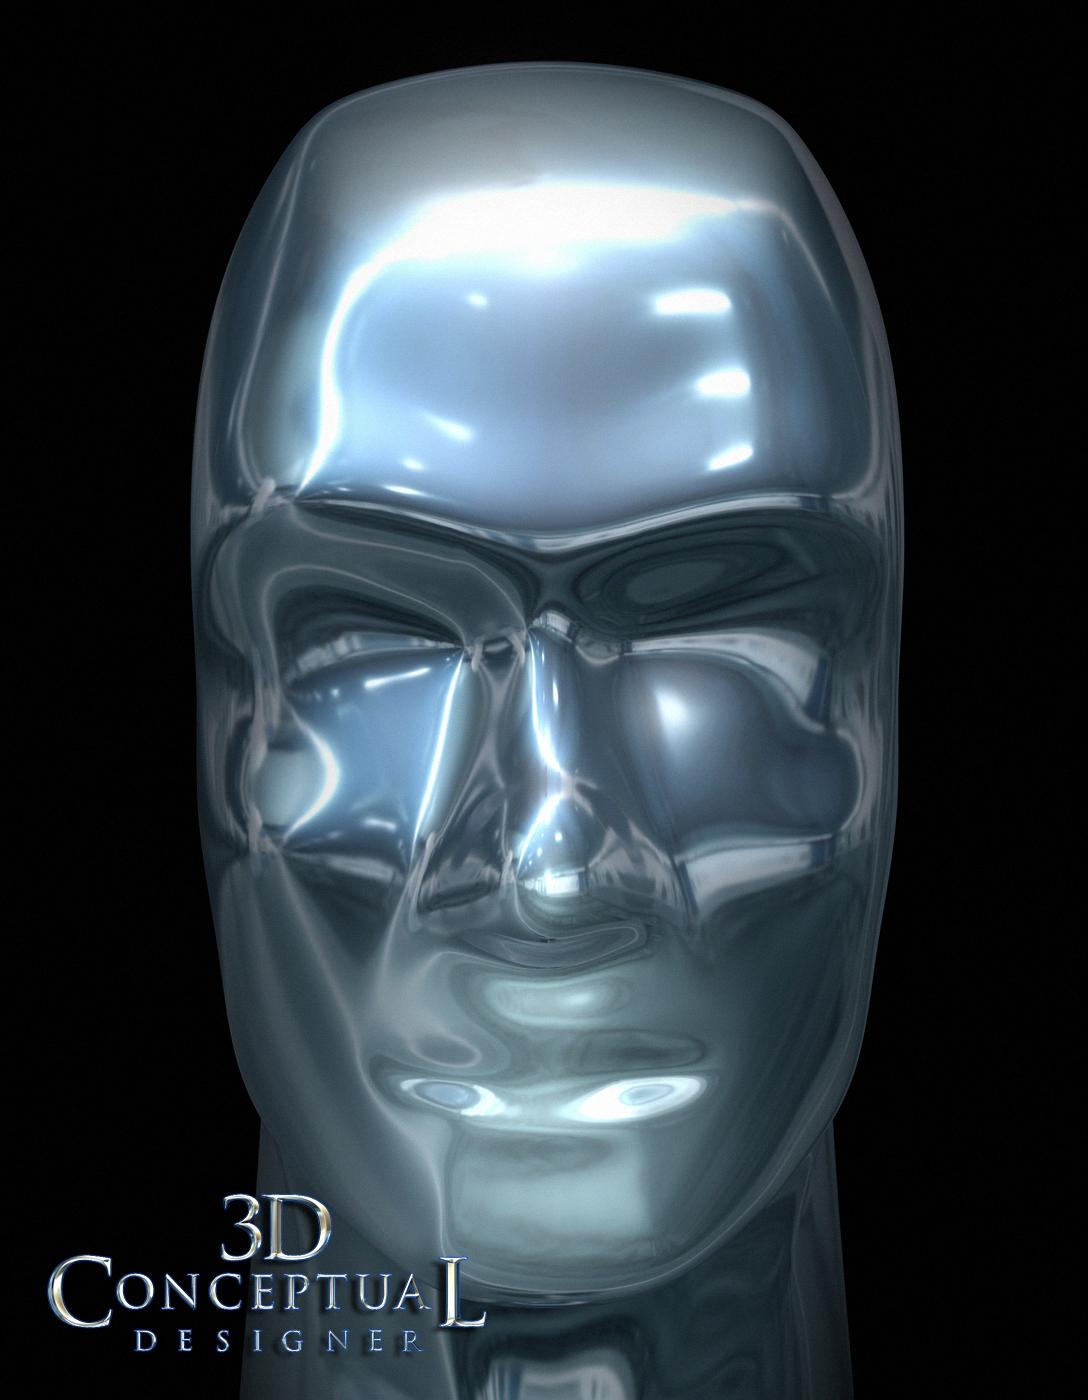 Terminator T1000 Explained